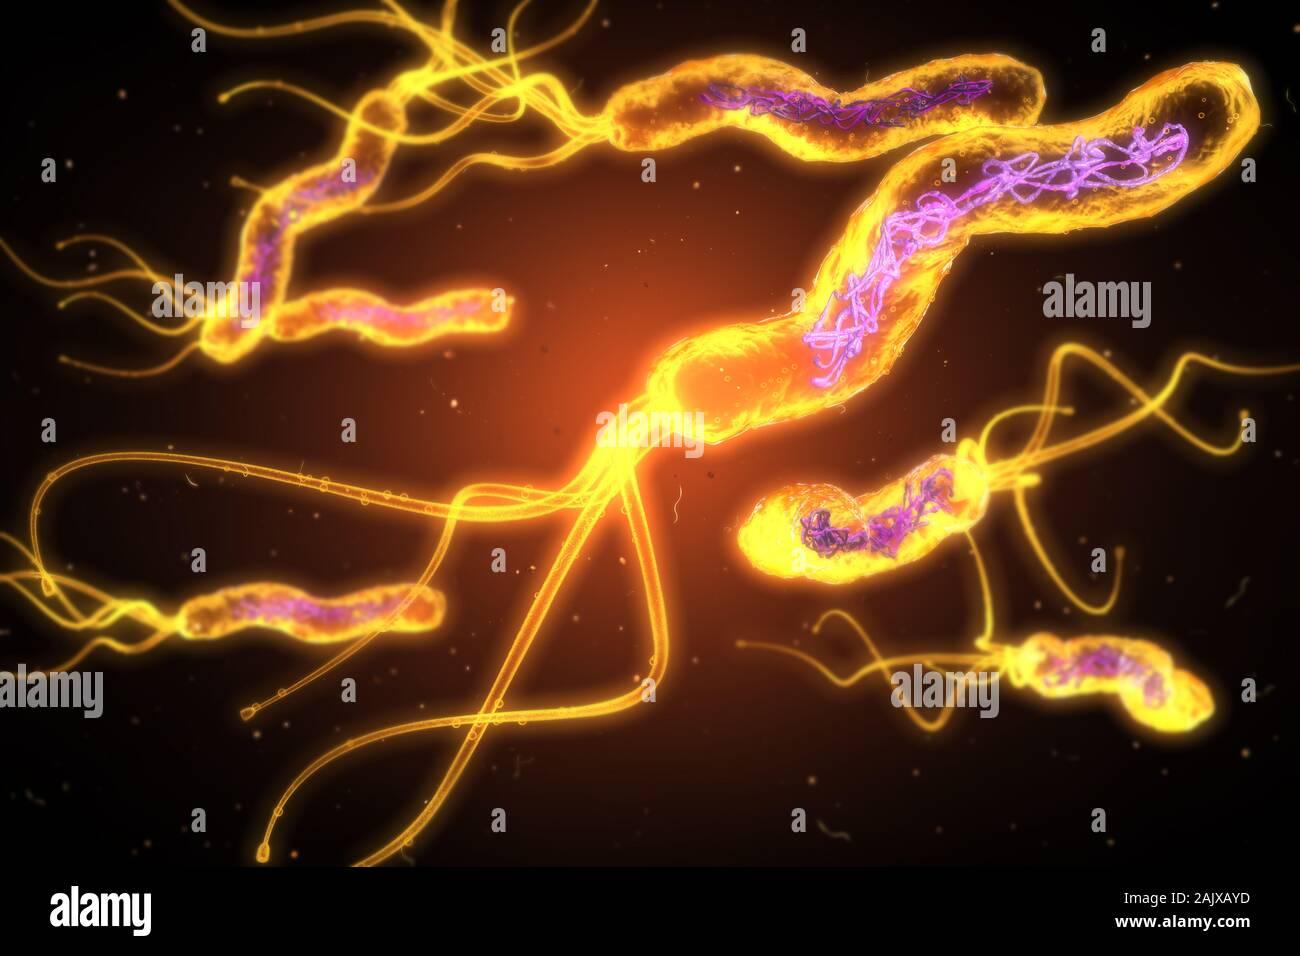 3D illustration montrant Vue microscopique d'un groupe de bactéries Helicobacter pylori Banque D'Images